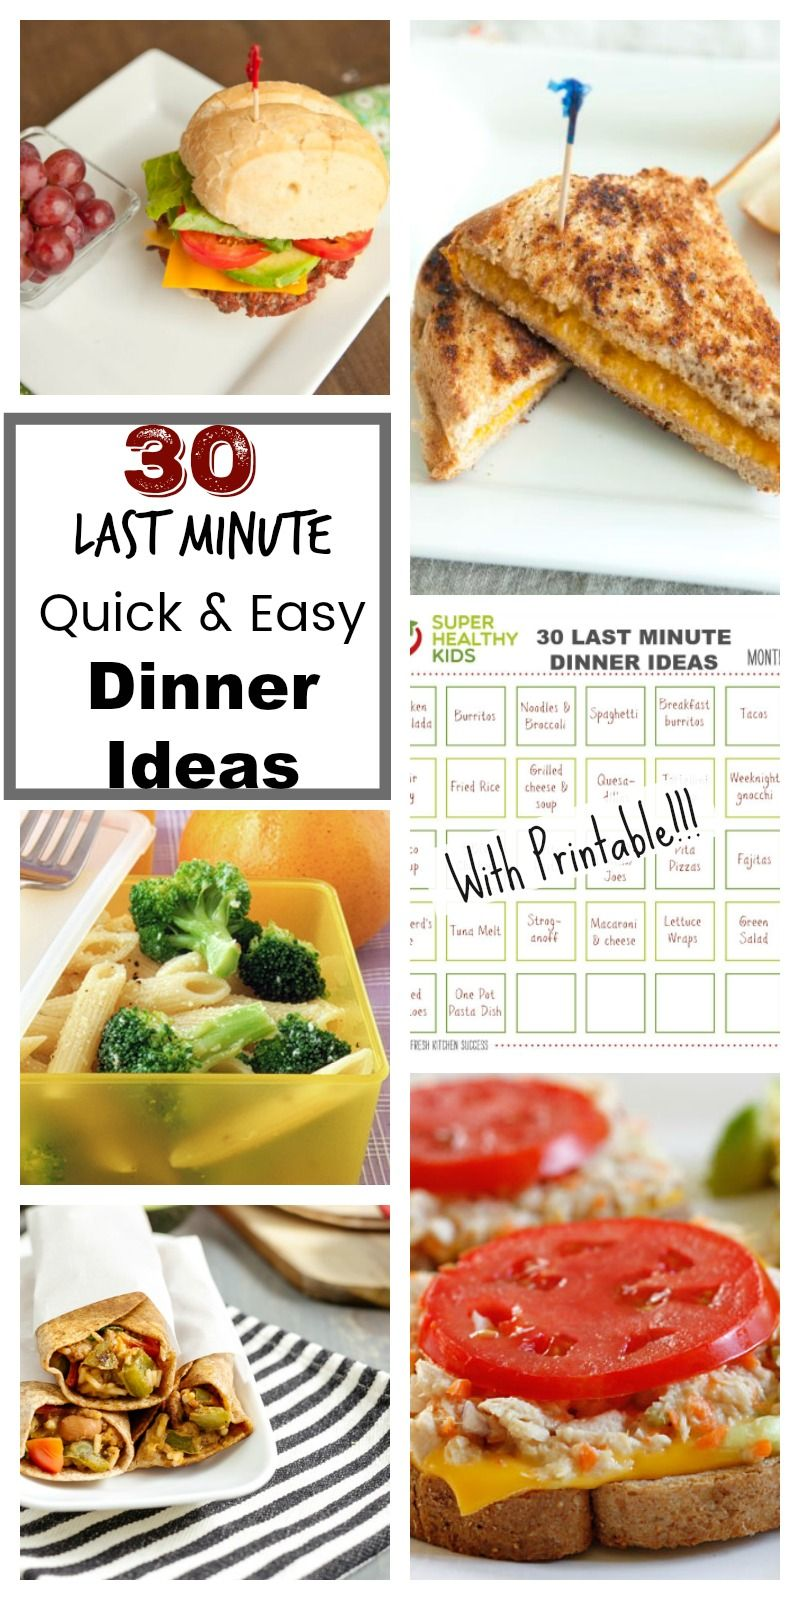 30 Last Minute Dinner Ideas with Printable calendar! | Dinner ideas ...